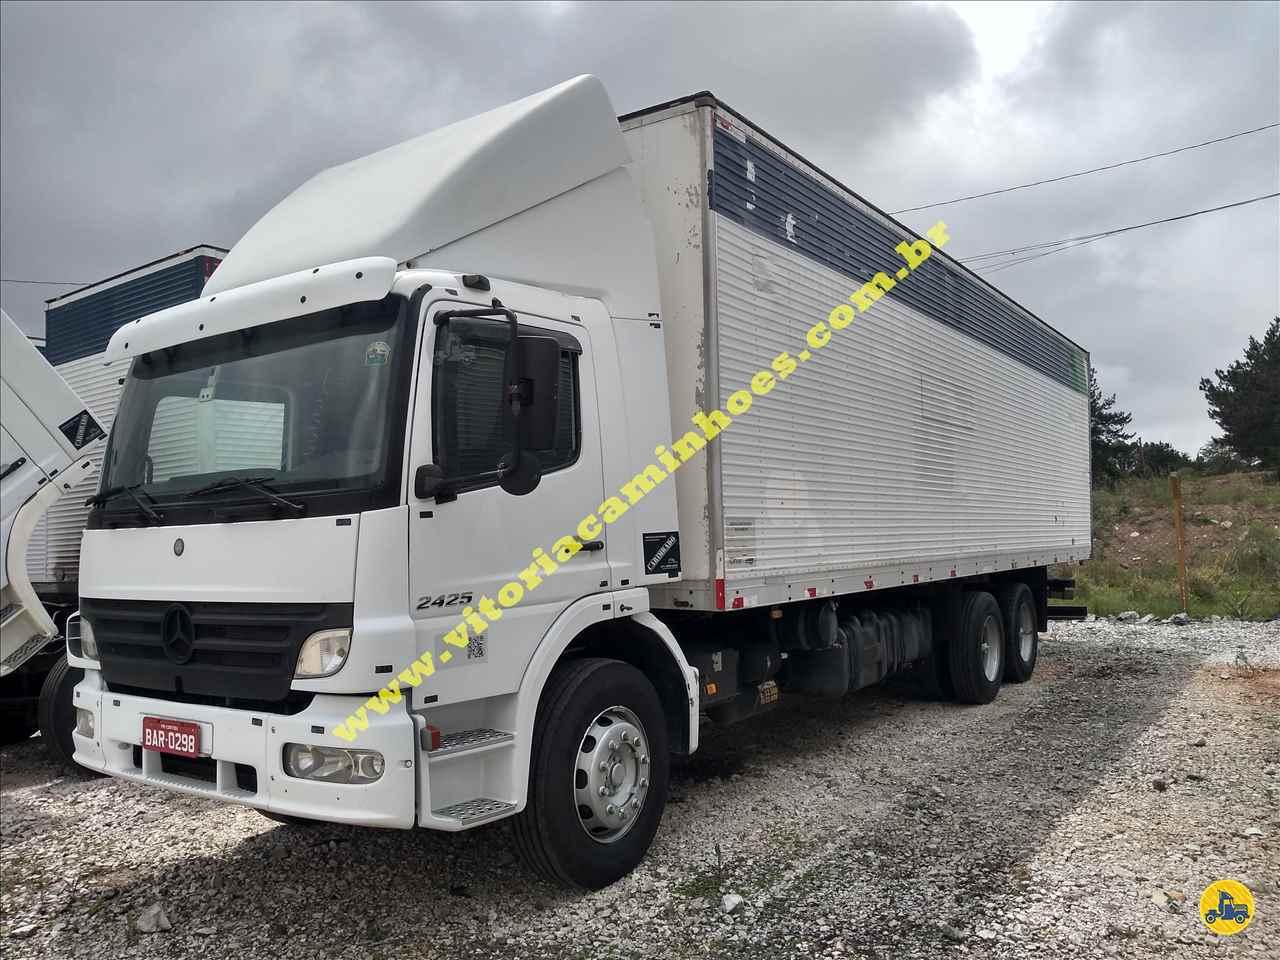 CAMINHAO MERCEDES-BENZ MB 2425 Baú Furgão Truck 6x2 Vitória Caminhões CURITIBA PARANÁ PR